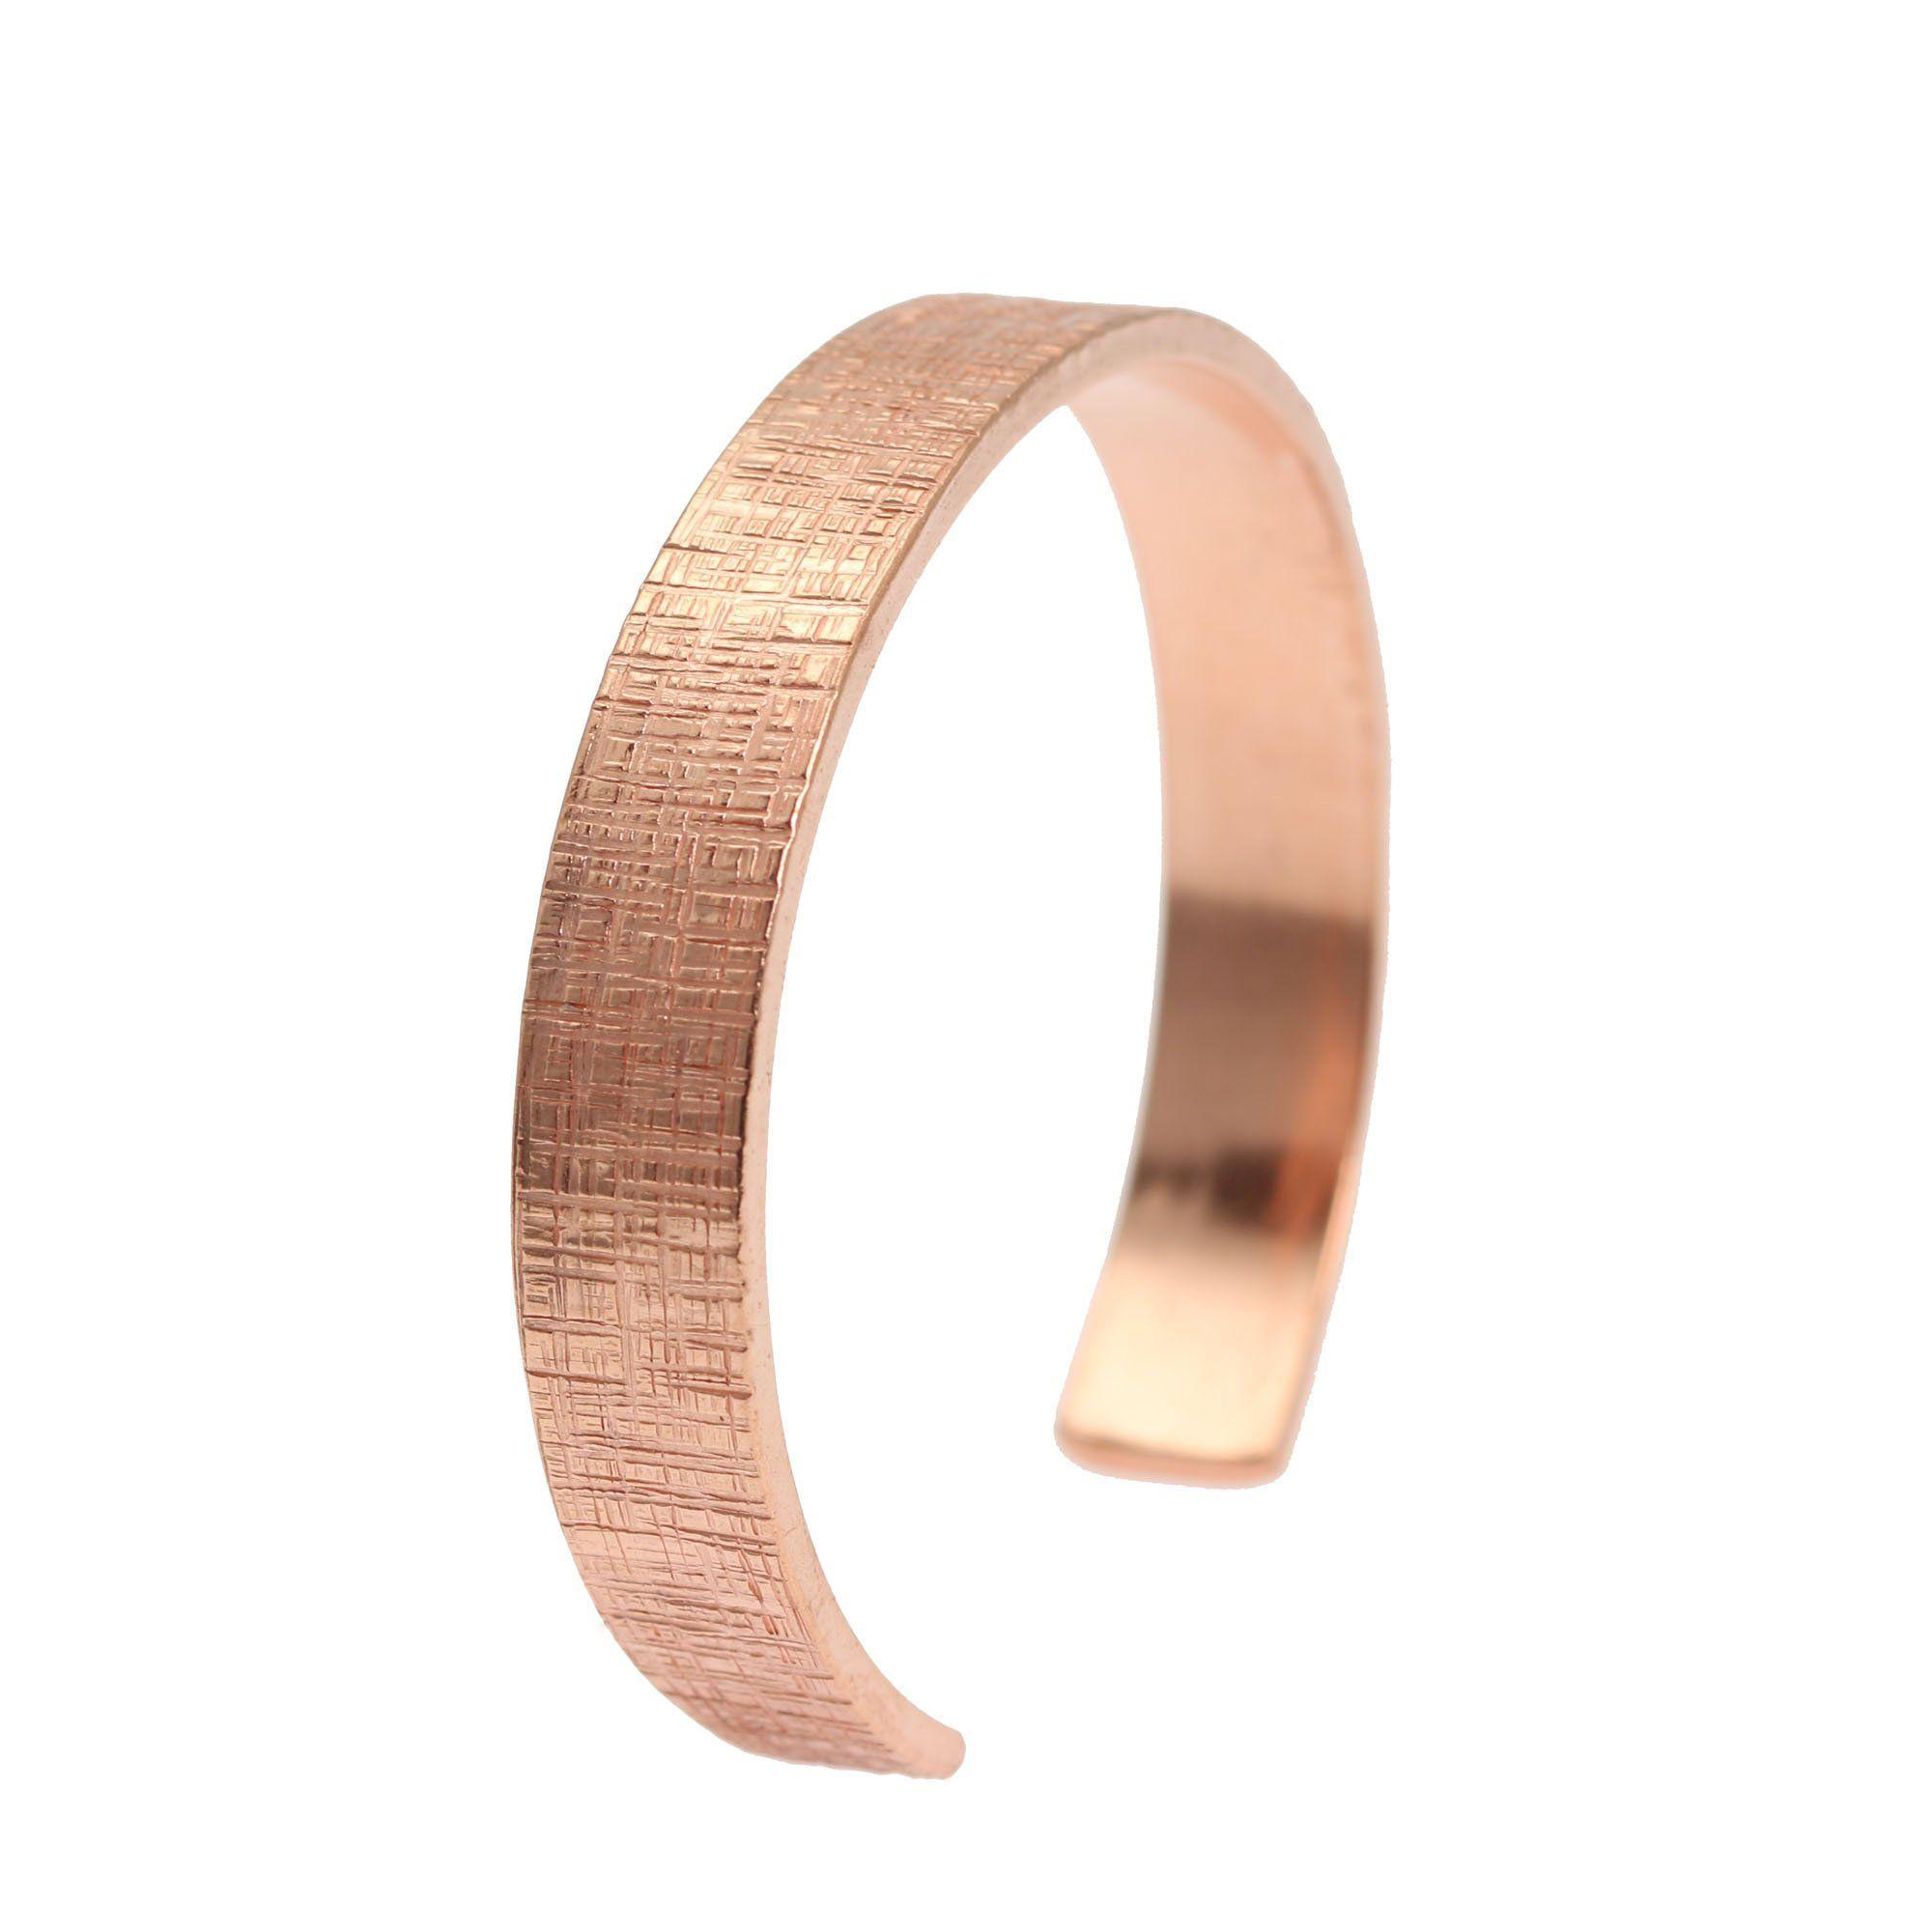 Mm wide linen copper cuff bracelet by john brana handmade jewelry